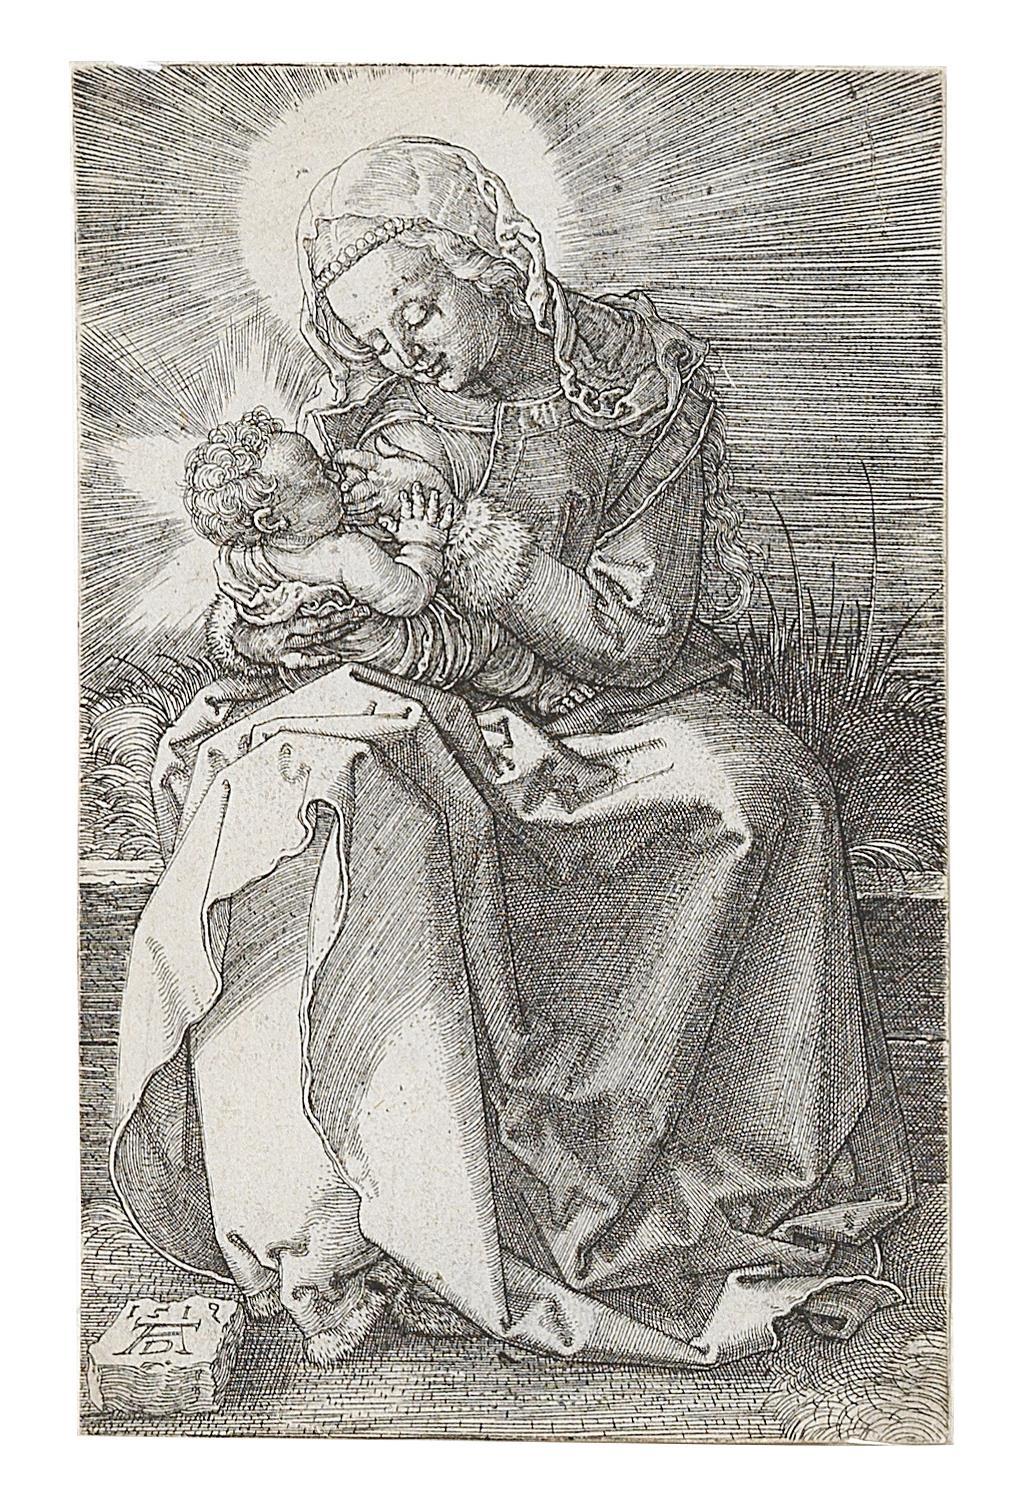 Albrecht Dürer, (Nürnberg 1471–1528) Maria, das Kind säugend, Kupferstich, in der Platte monogrammiert und datiert AD 1519, 11,7 x 7,5 cm, € 6.000